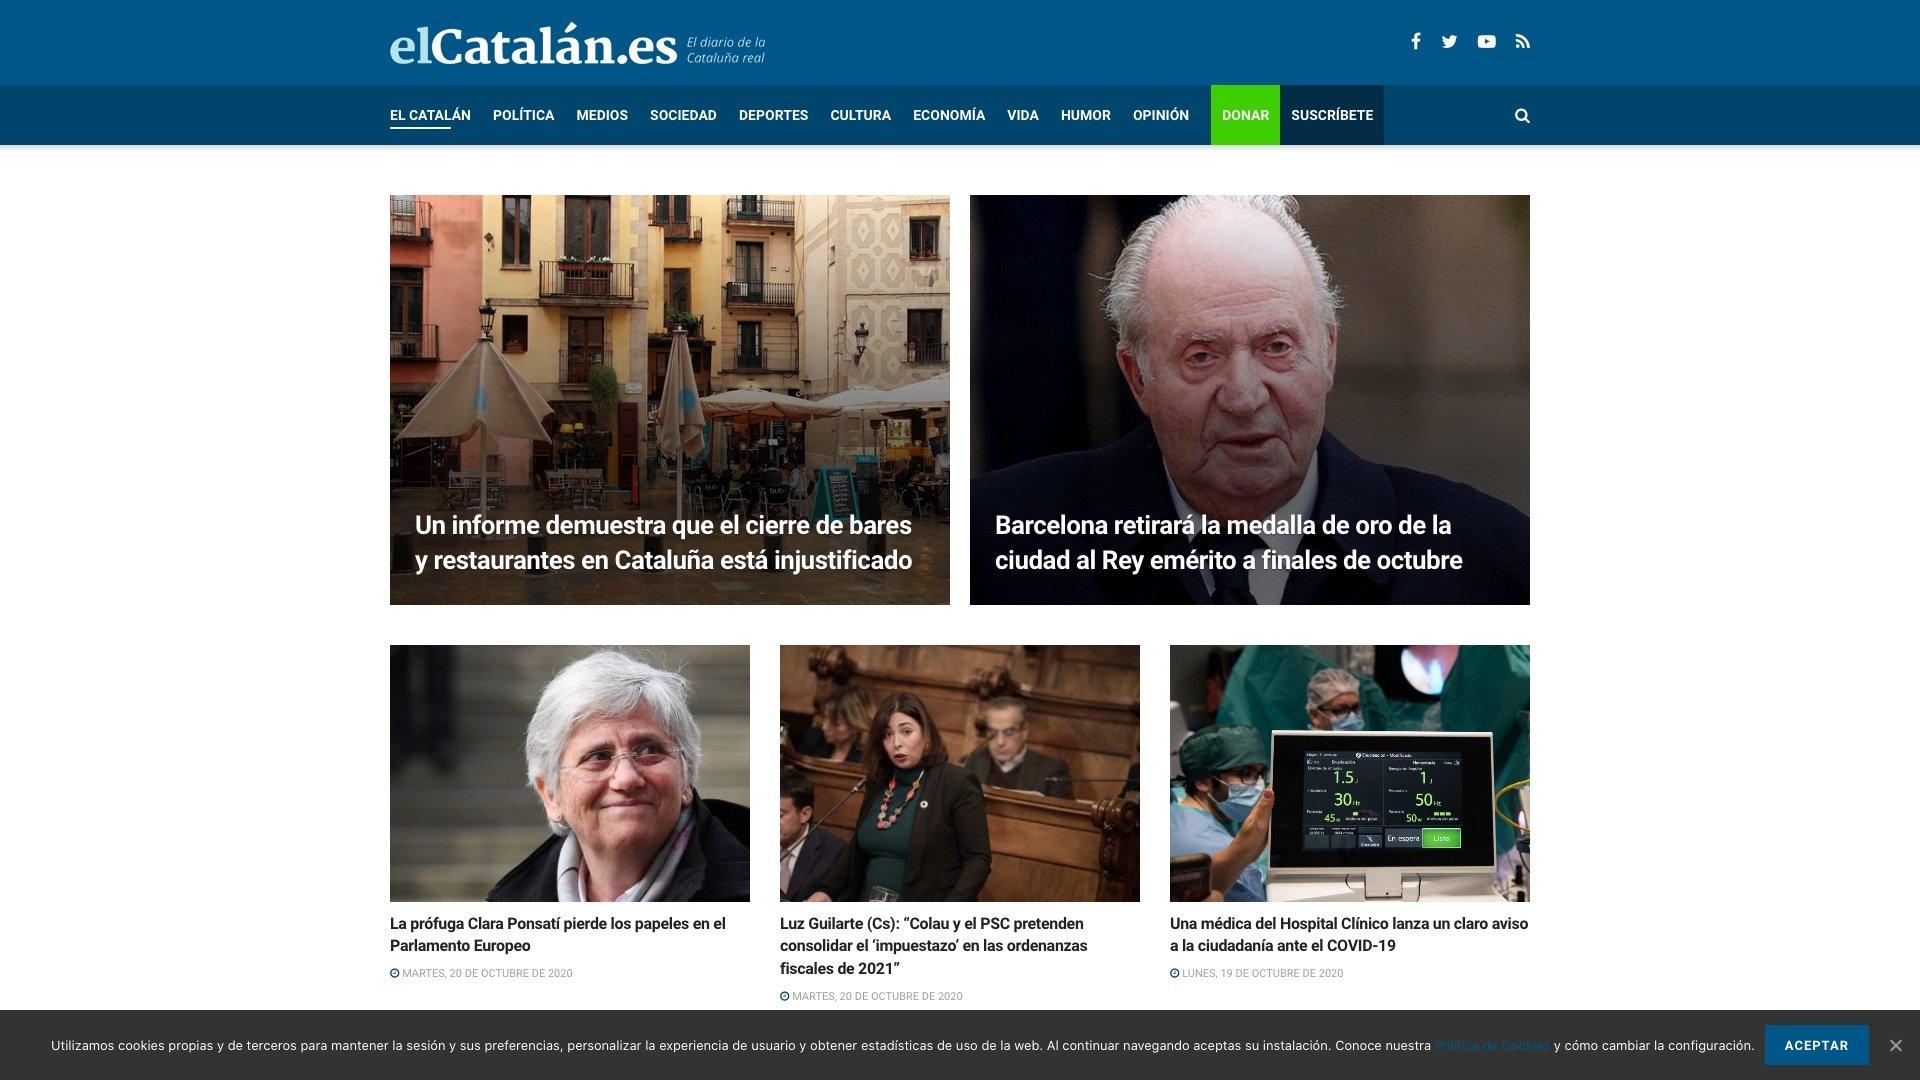 El Catalán